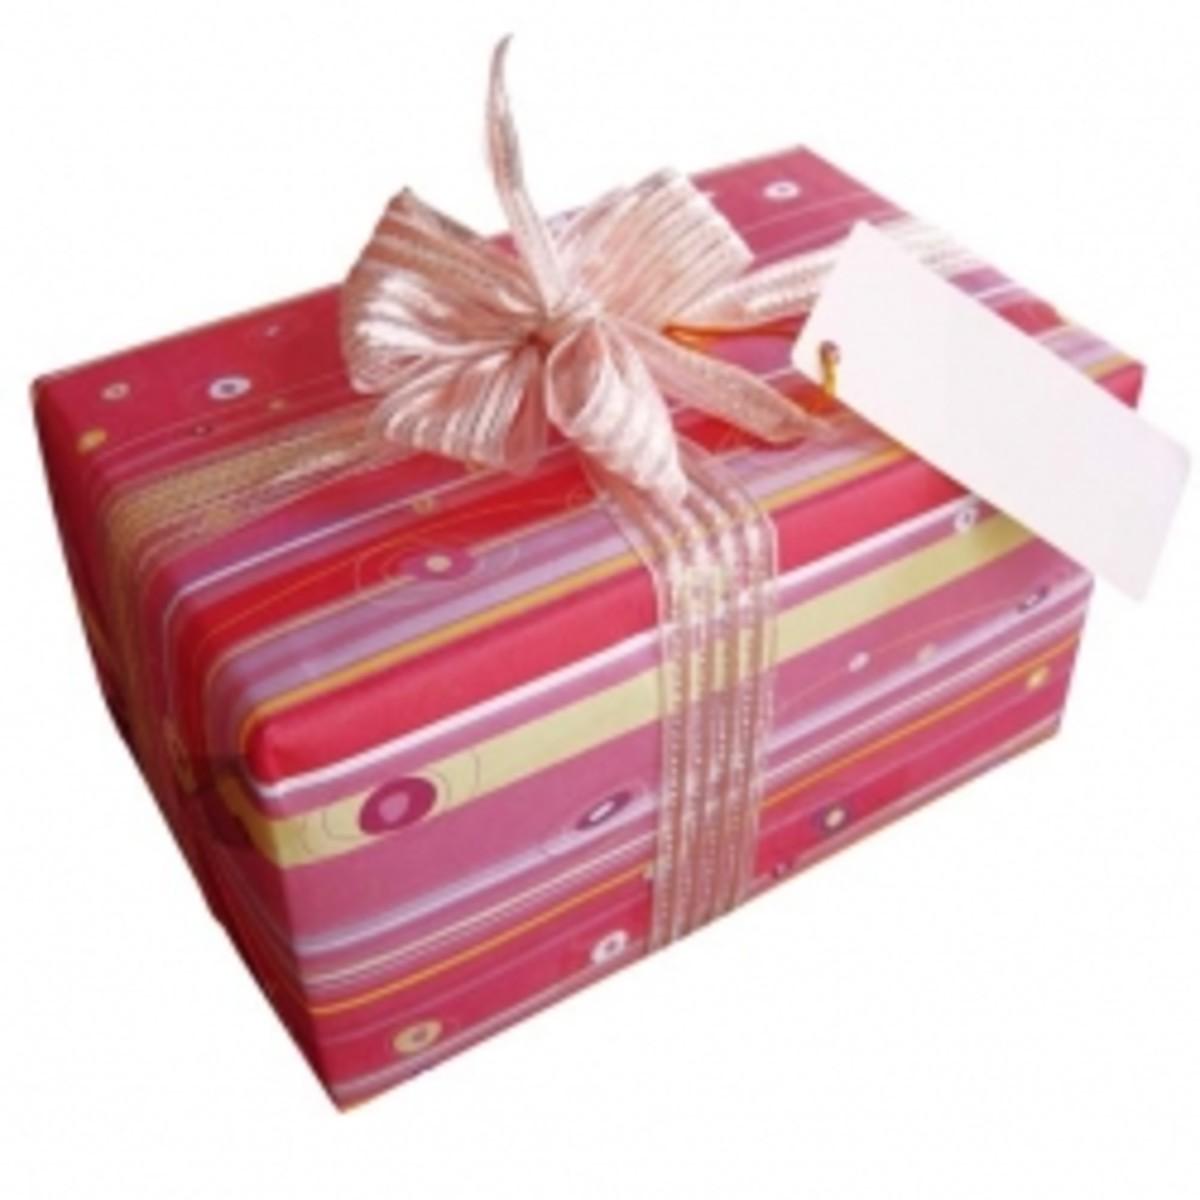 gifts-for-homeless-children